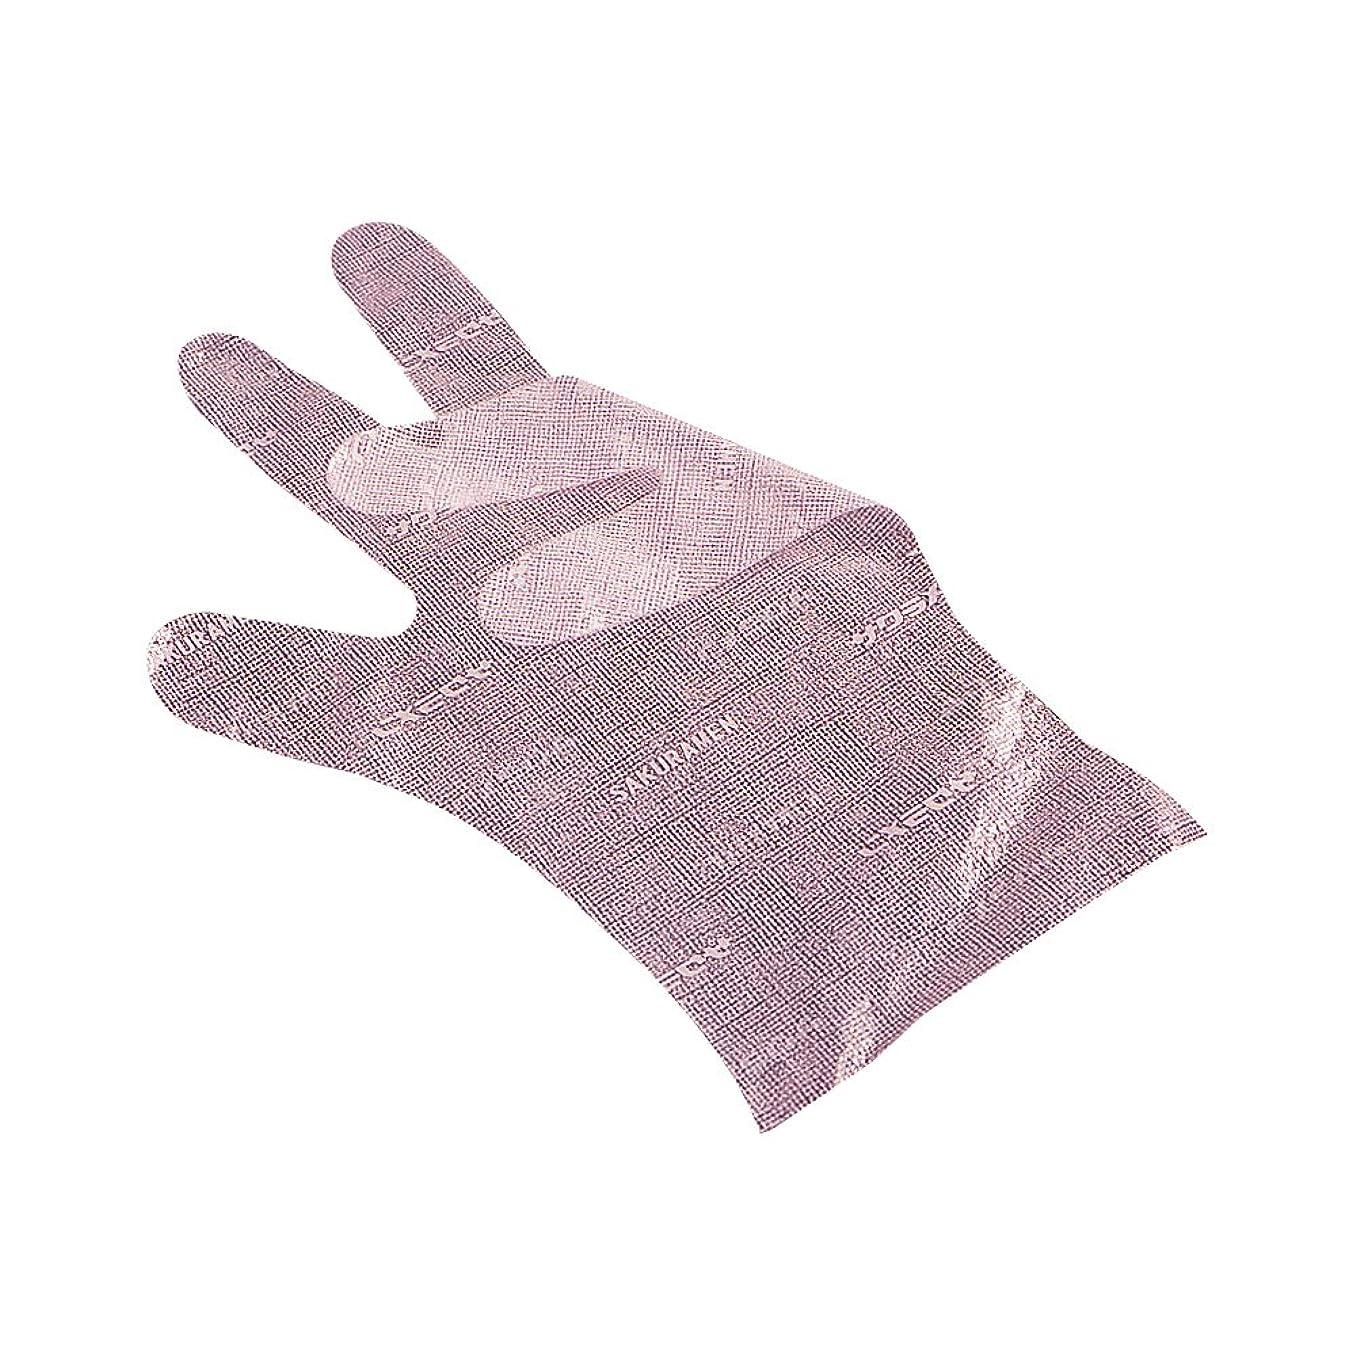 喜ぶ粘液天皇サクラメンエンボス手袋 デラックス ピンク L 100枚入